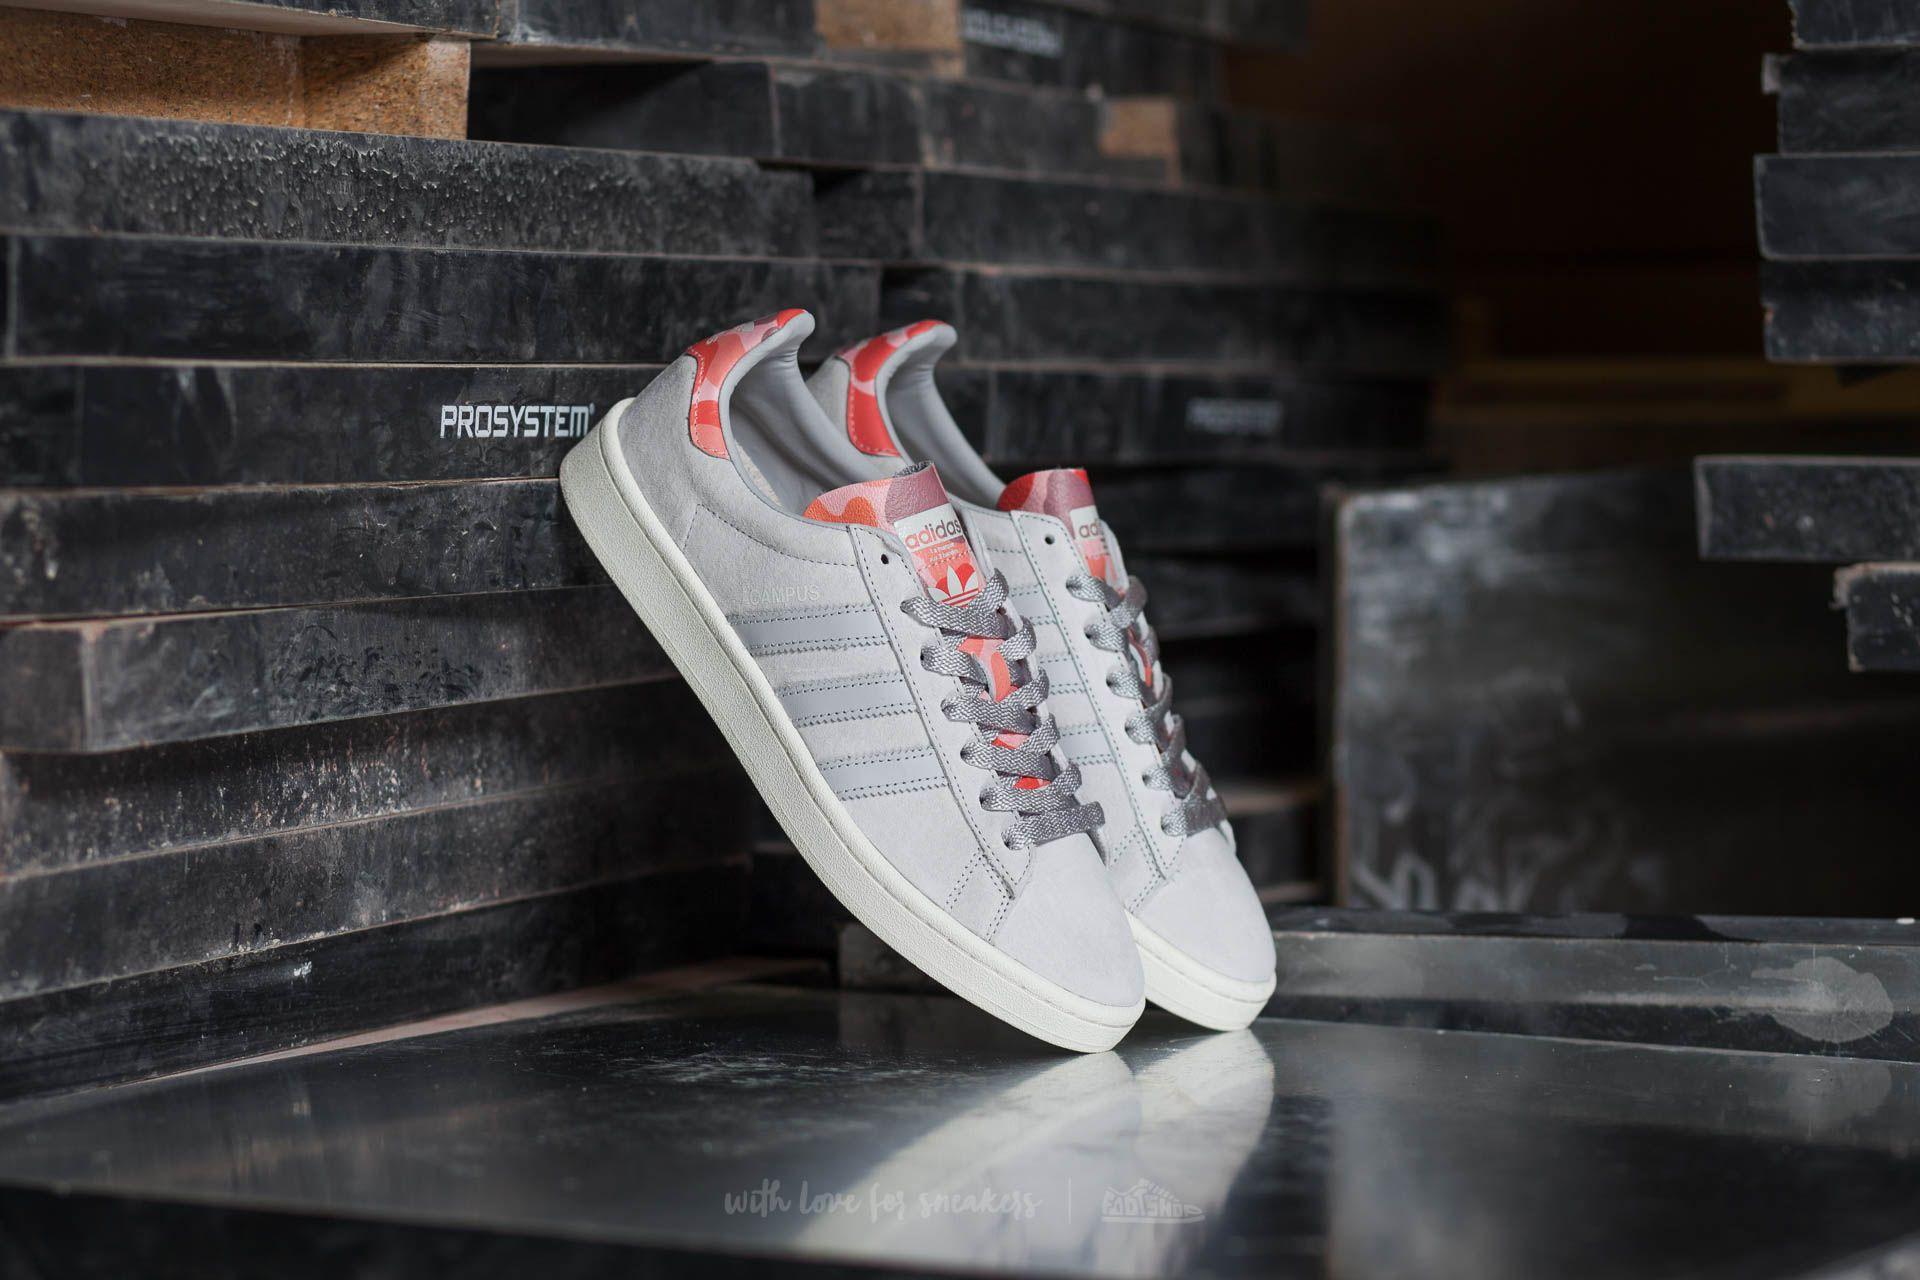 adidas Campus Lgh Solid Grey/ Lgh Solid Grey/ Sun Glow